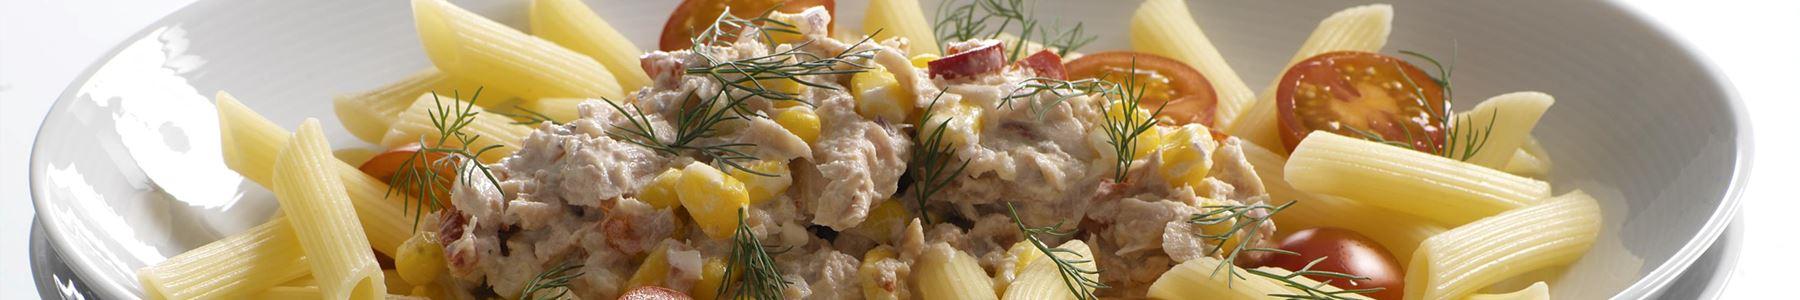 Salater + Hvidløg + Pasta